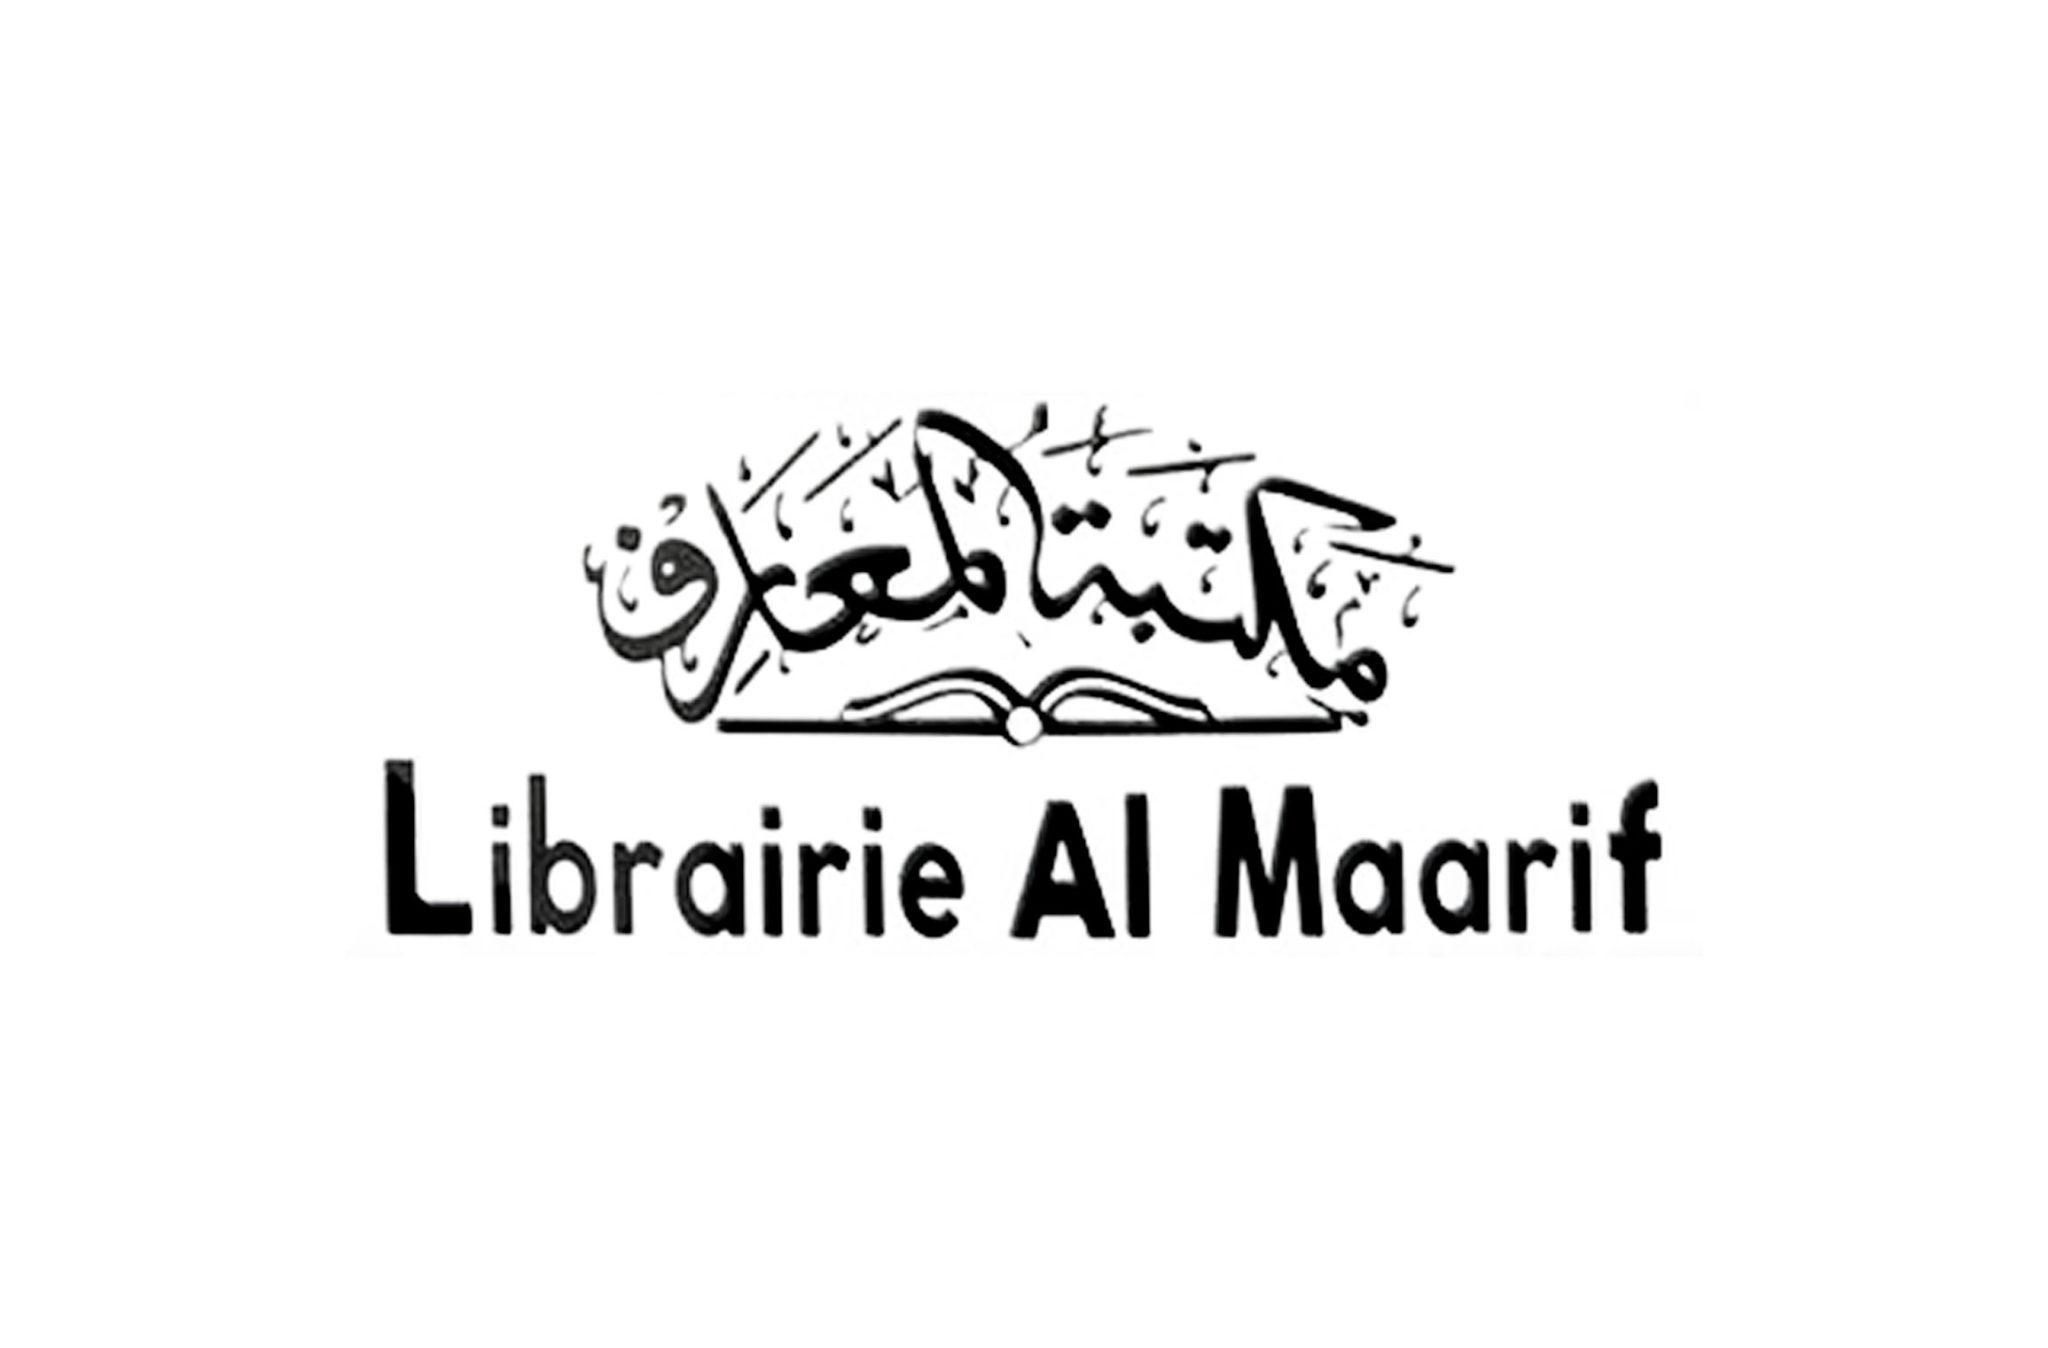 Librairie Al-Ma-arif